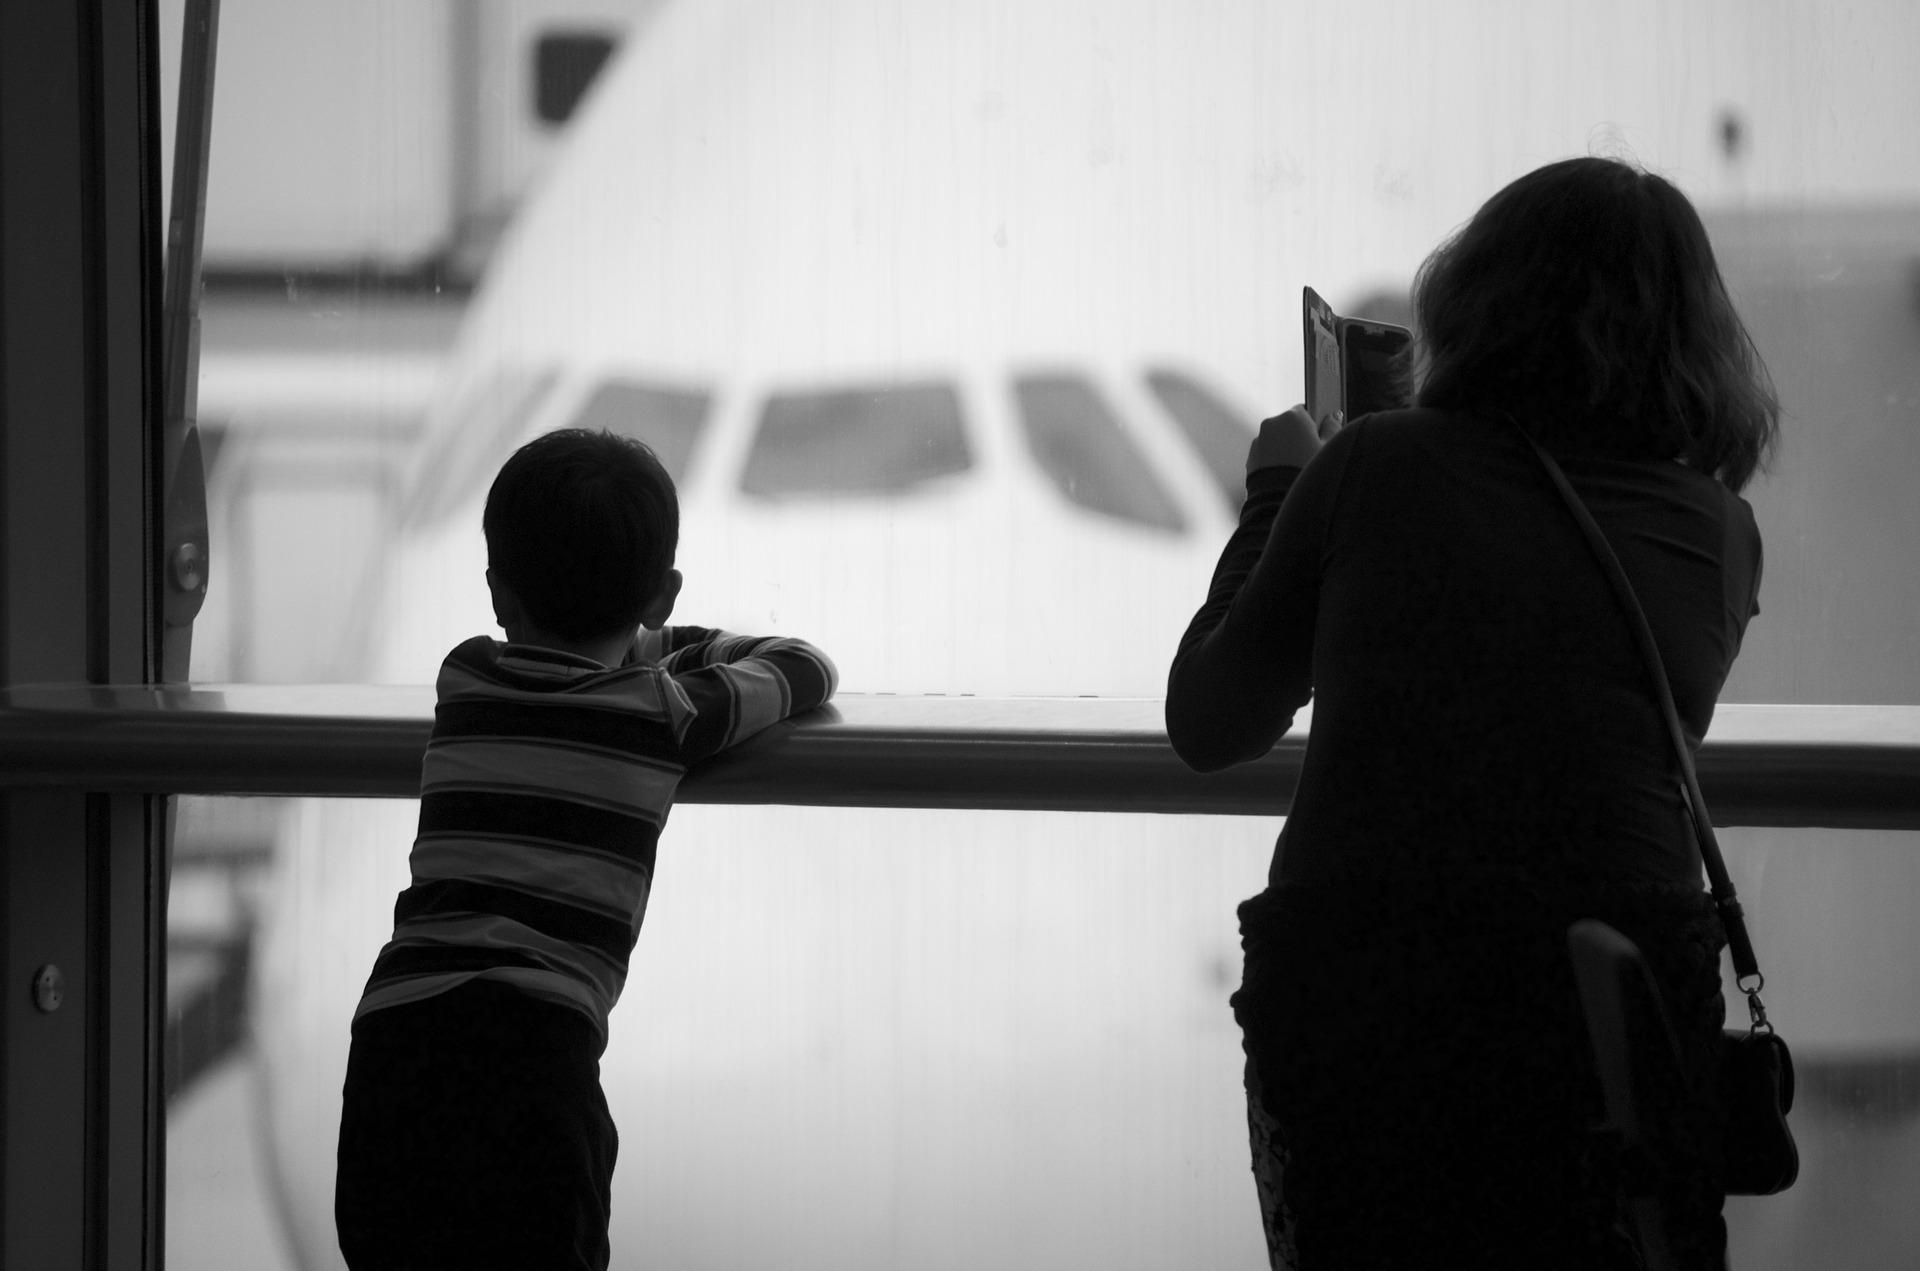 затримка рейсу чекання в аеропорті